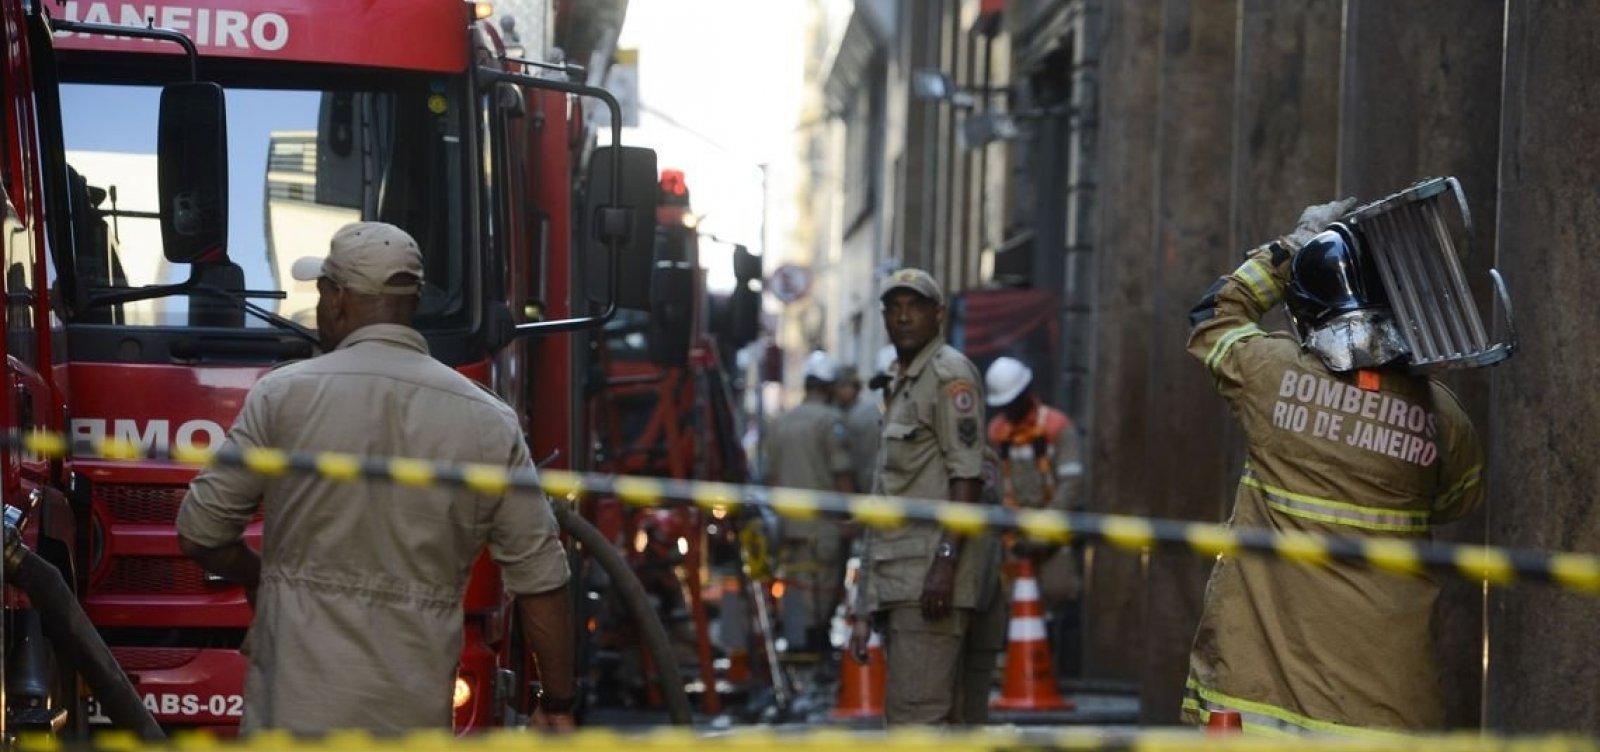 Bombeiros são chamados para combater possível novo foco de incêndio em boate no RJ